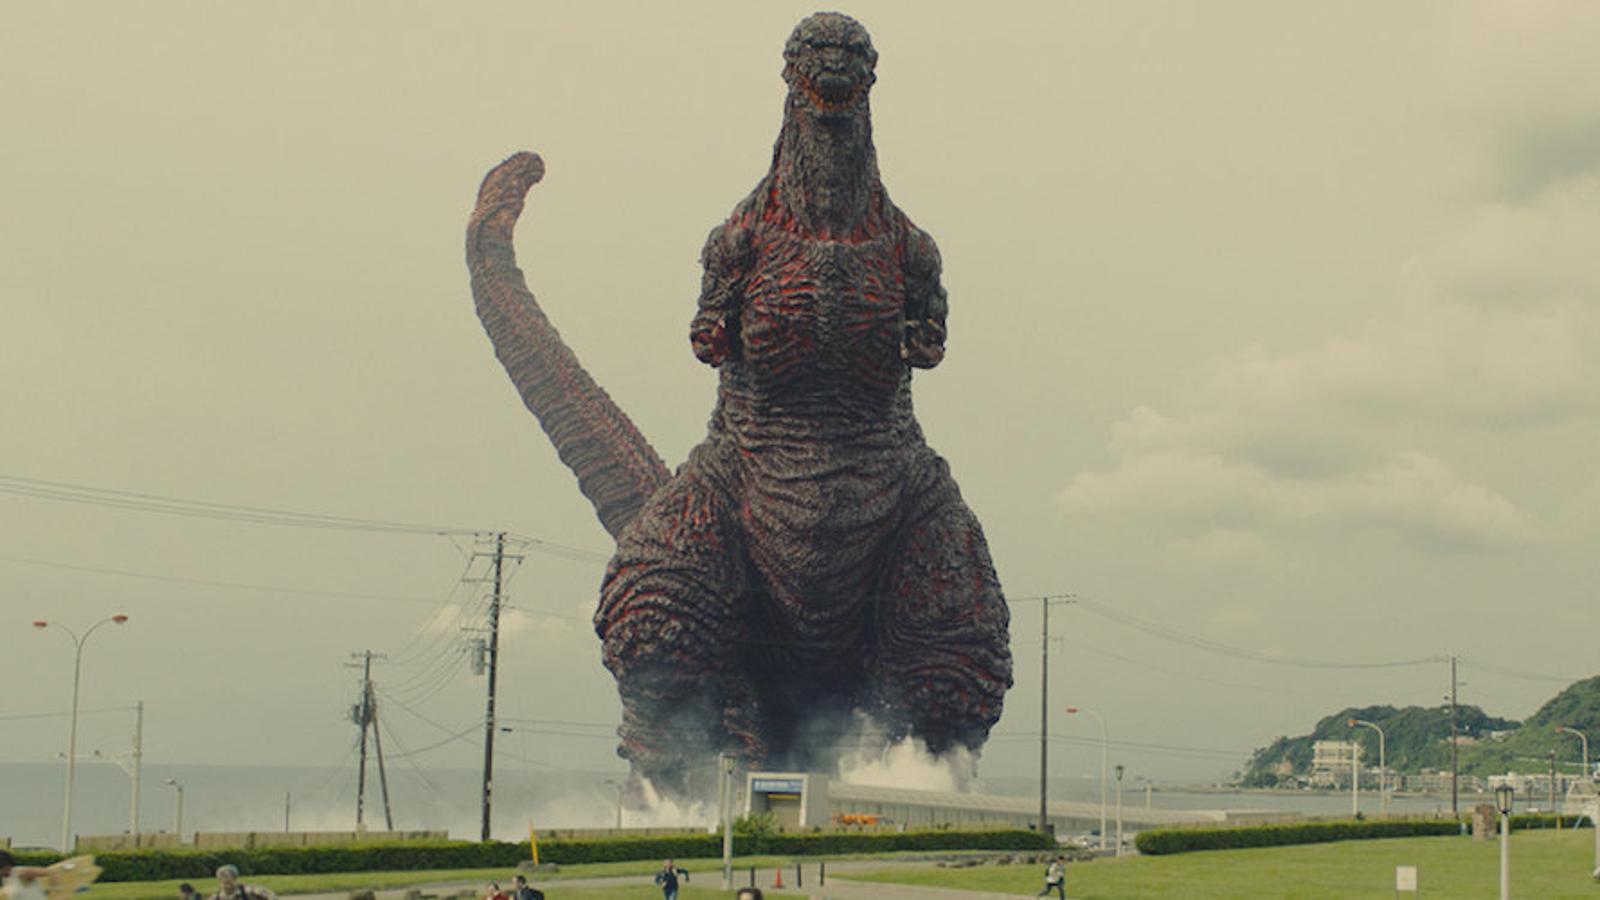 Toho is Planning a Godzilla Cinematic Universe, andShin Godzilla 2 Won't Be Making the Cut